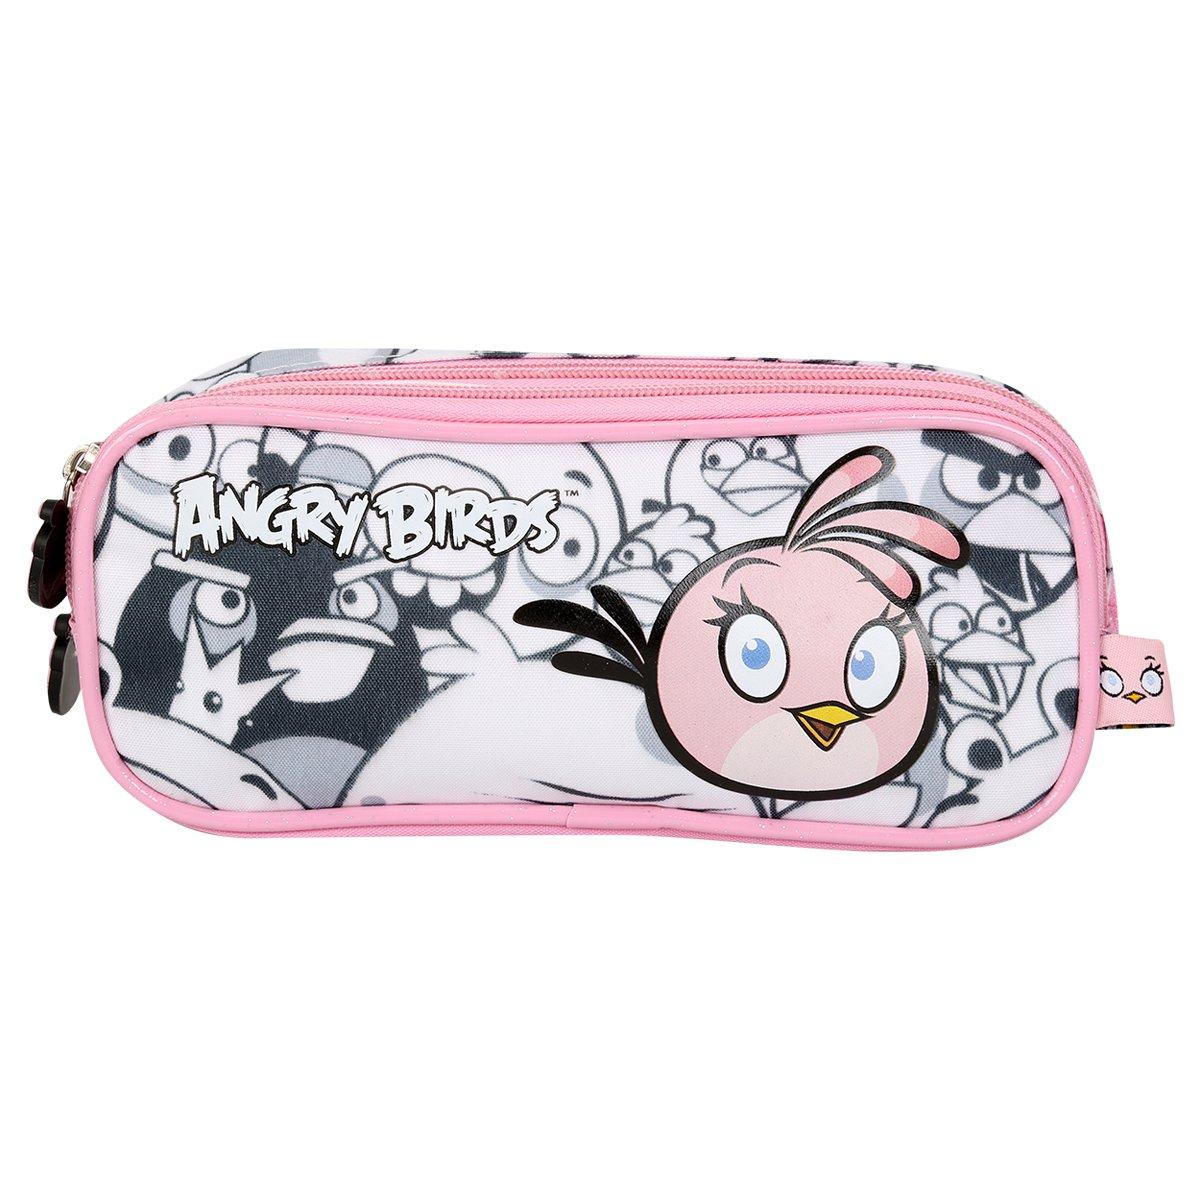 Estojo Santino Angry Birds - Compre Agora  2ba2f86f316